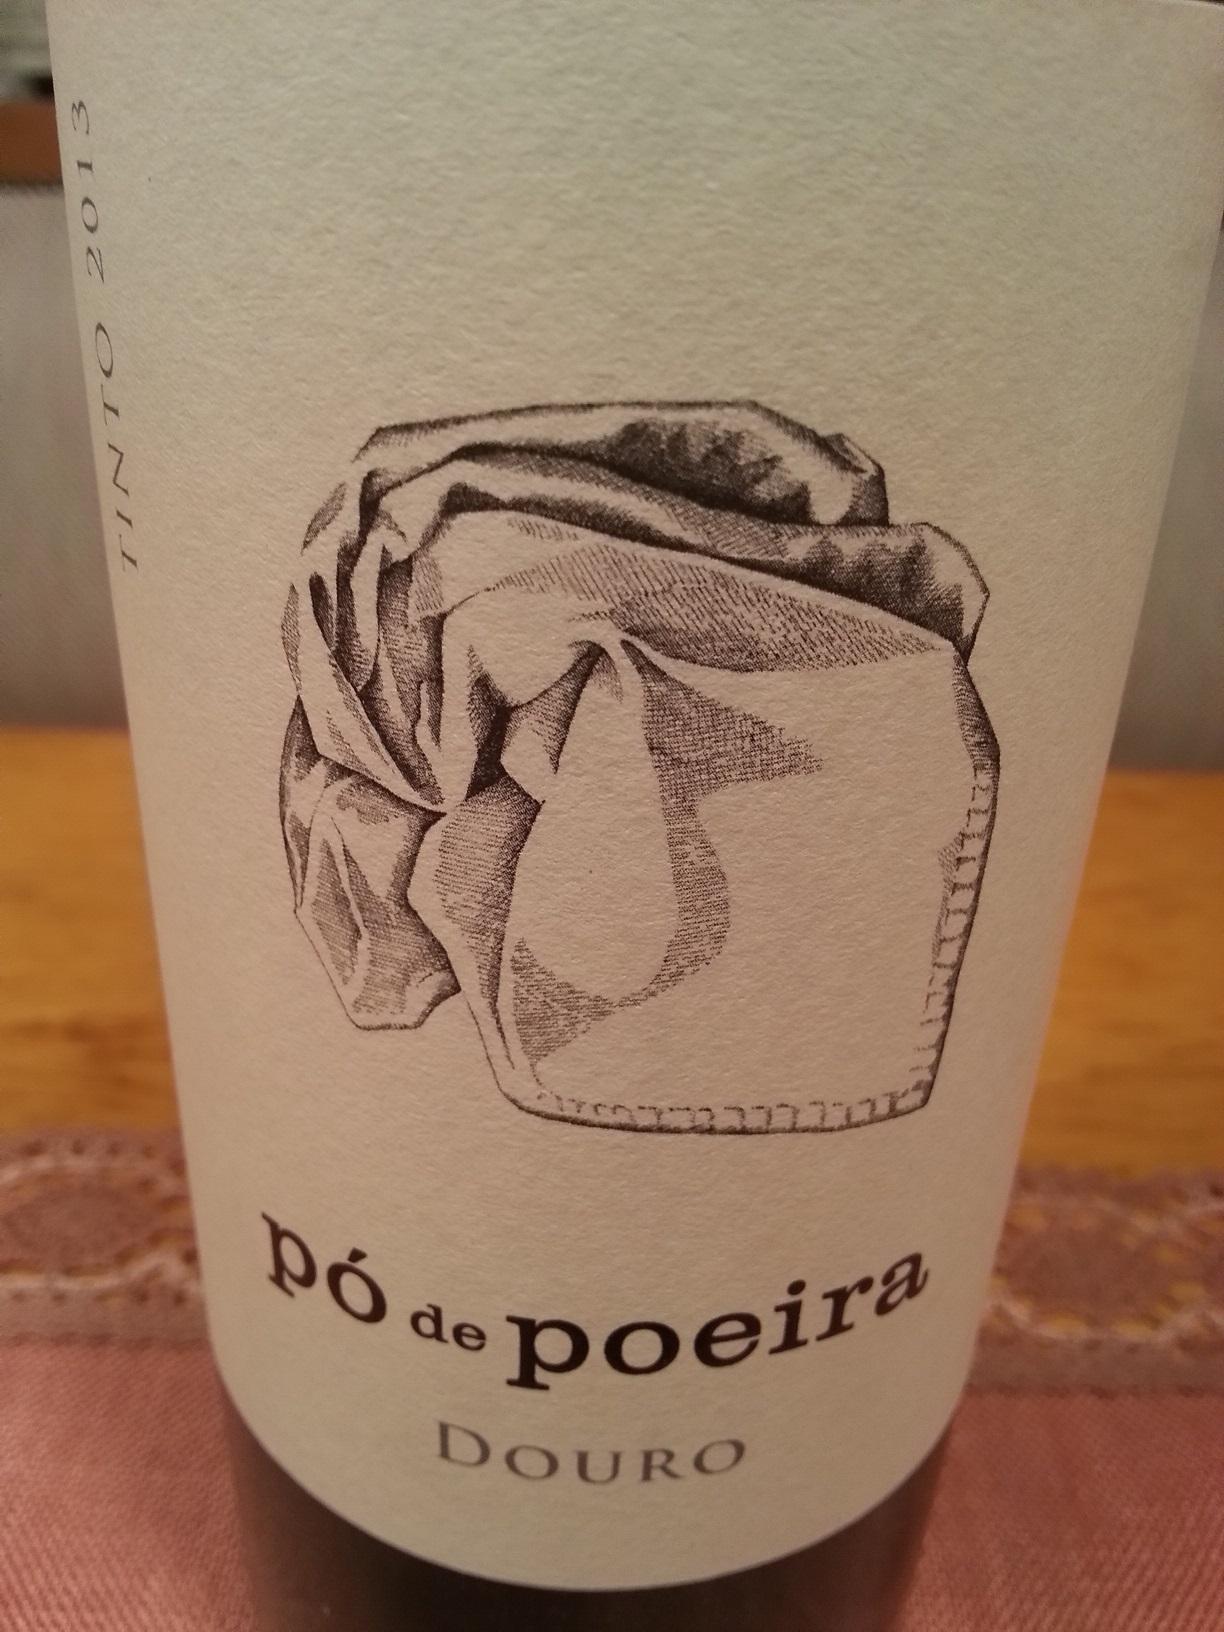 2013 Pó de Poeira Tinto | Poeira